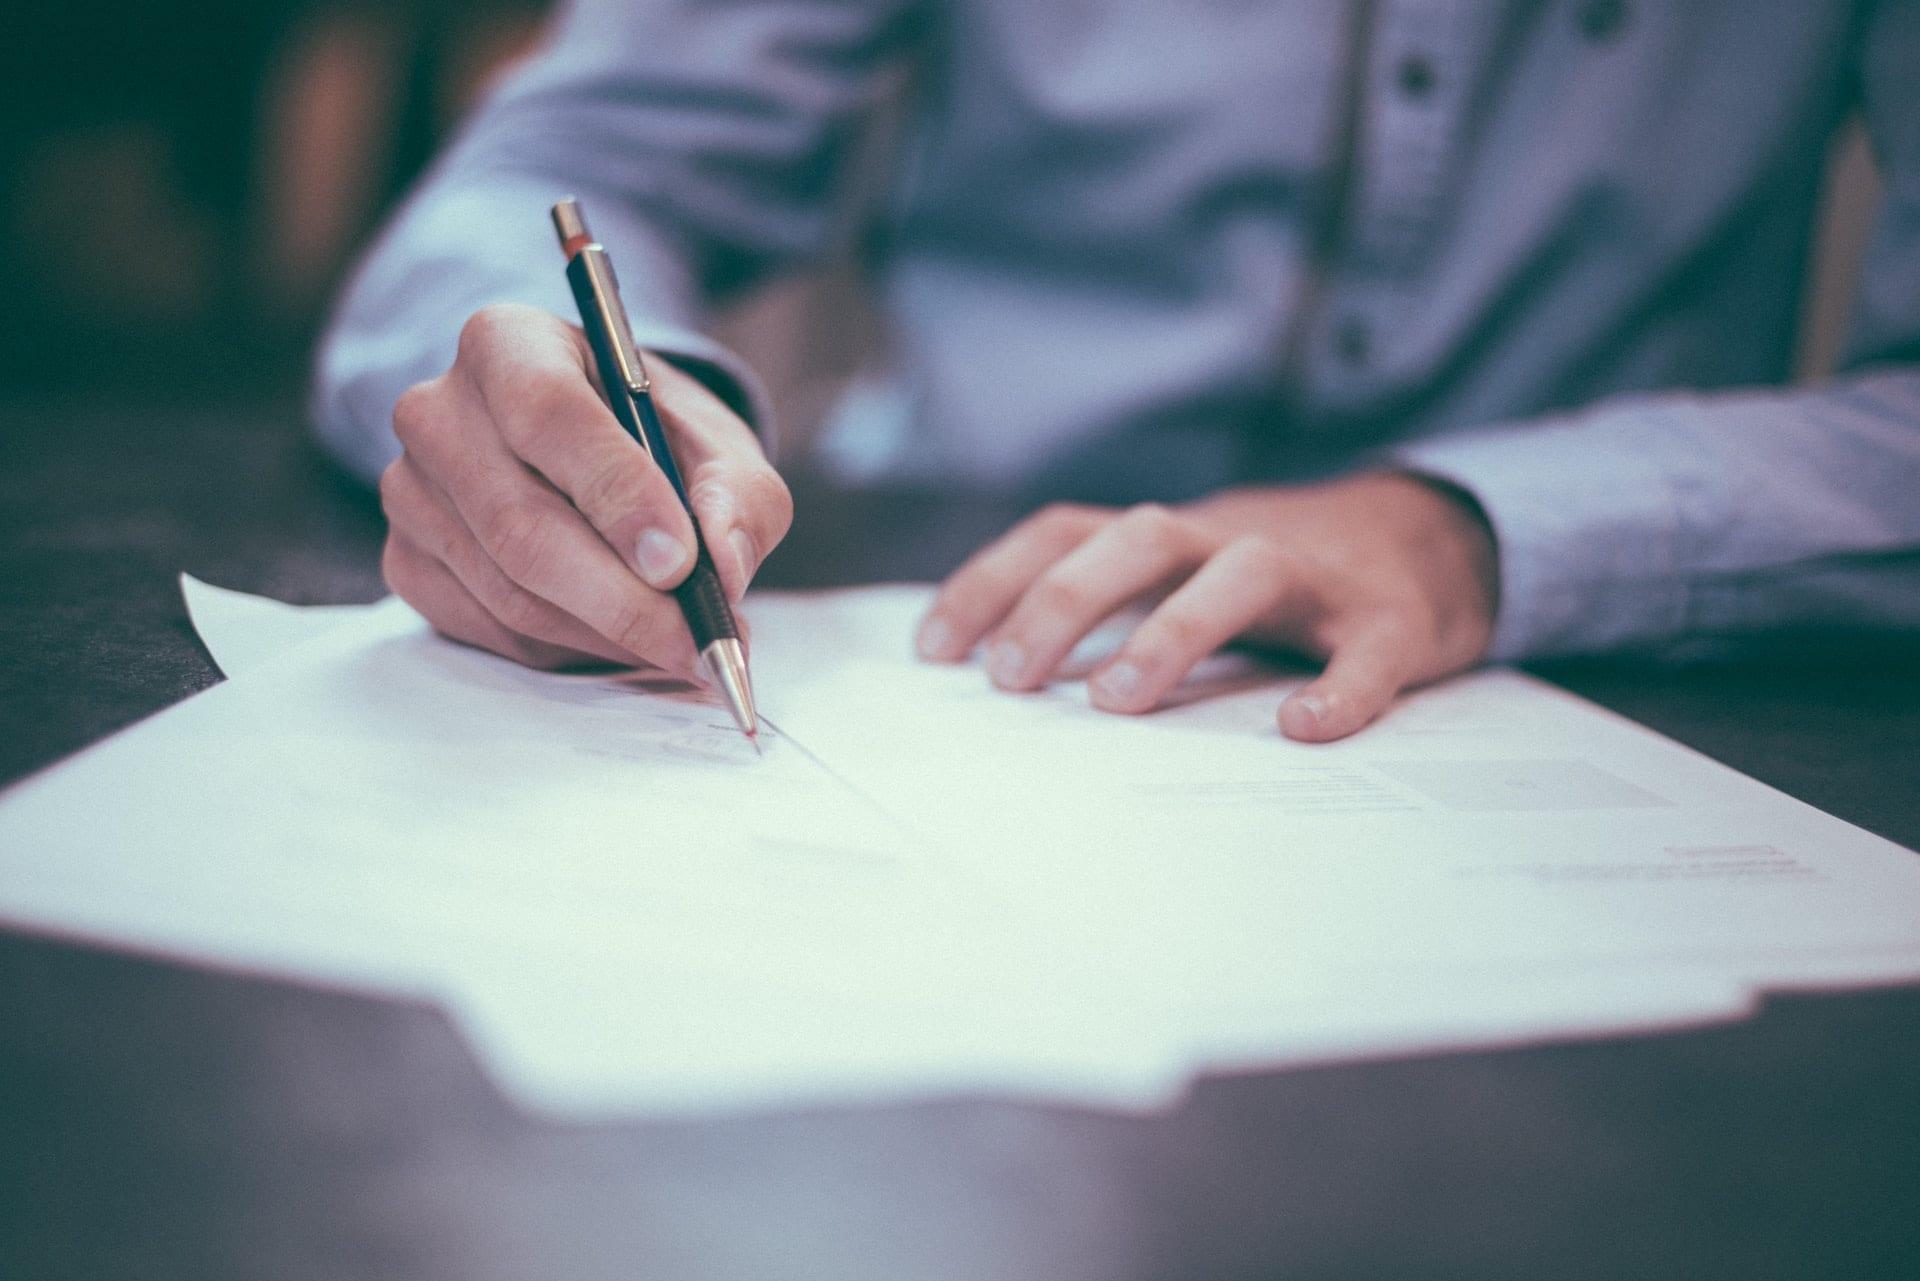 Imagem mostra assinatura de um documento